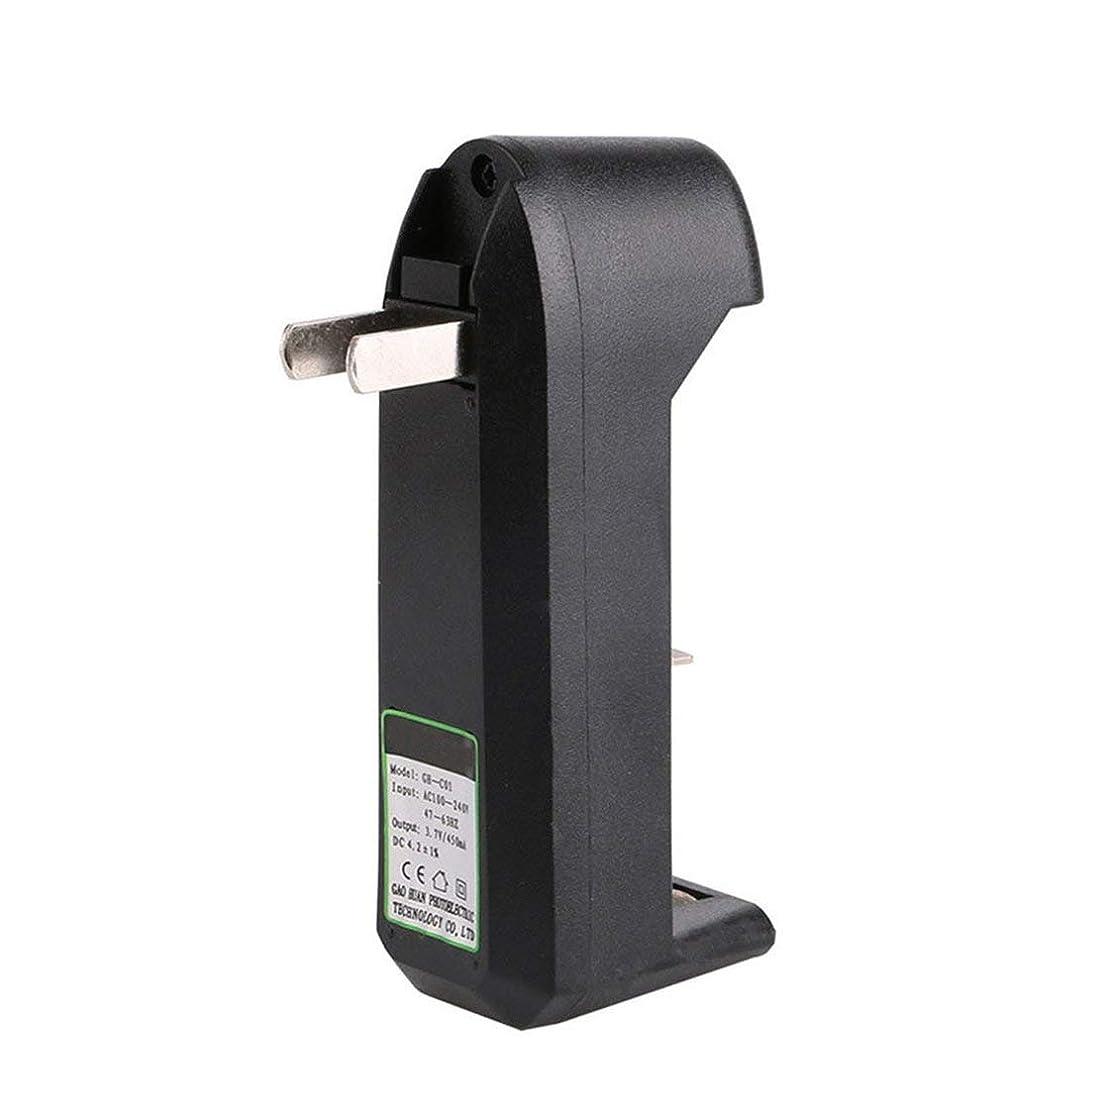 合計アルプス抑制懐中電灯18650/18500/16340/14500バッテリーポータブル充電器(ブラック)のための多目的3.7V 450mAhスマートバッテリー充電器 (Rustle666)